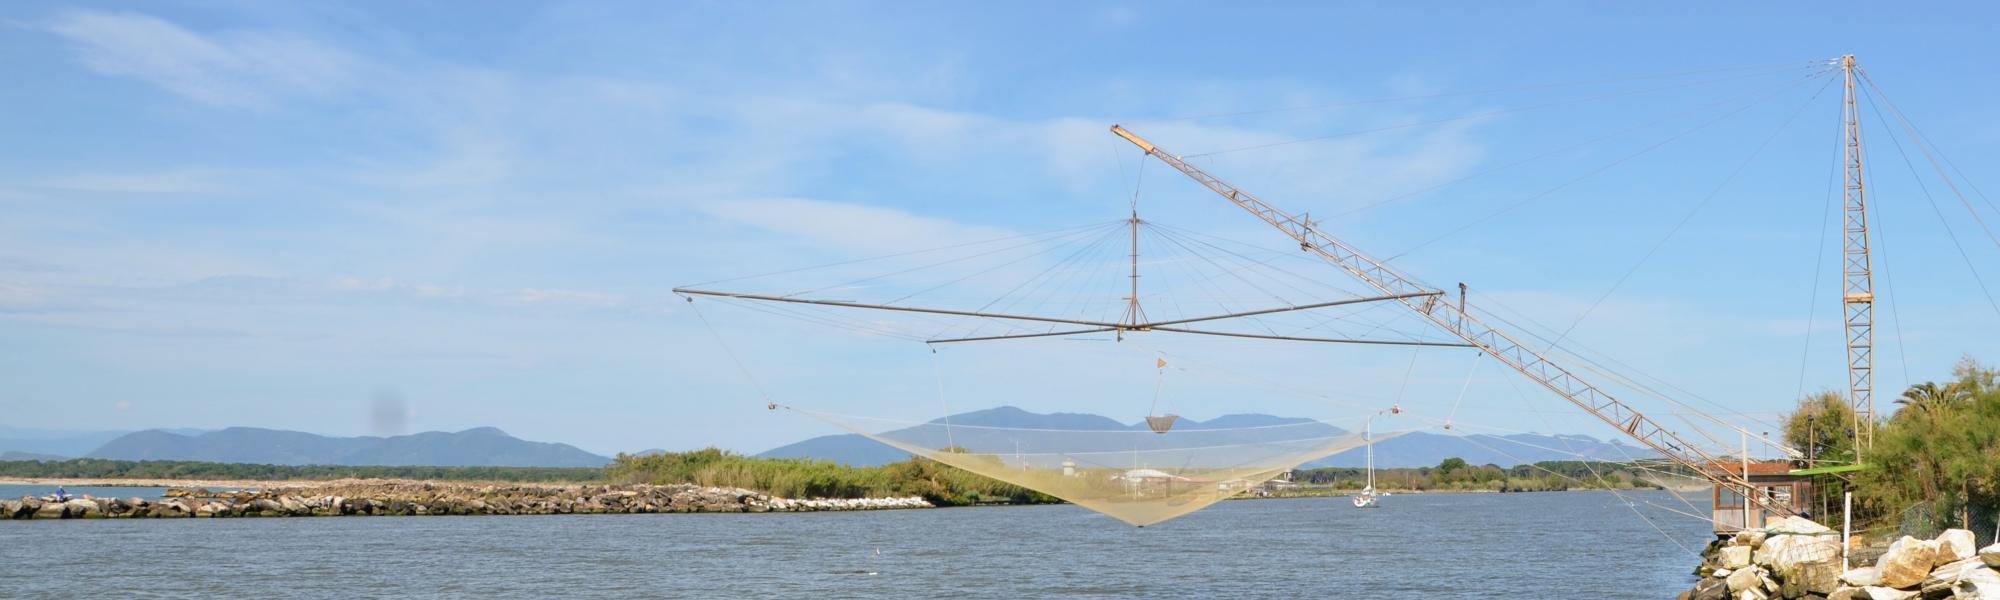 Le reti per la pesca prima della foce dell'Arno (R. Cardini)